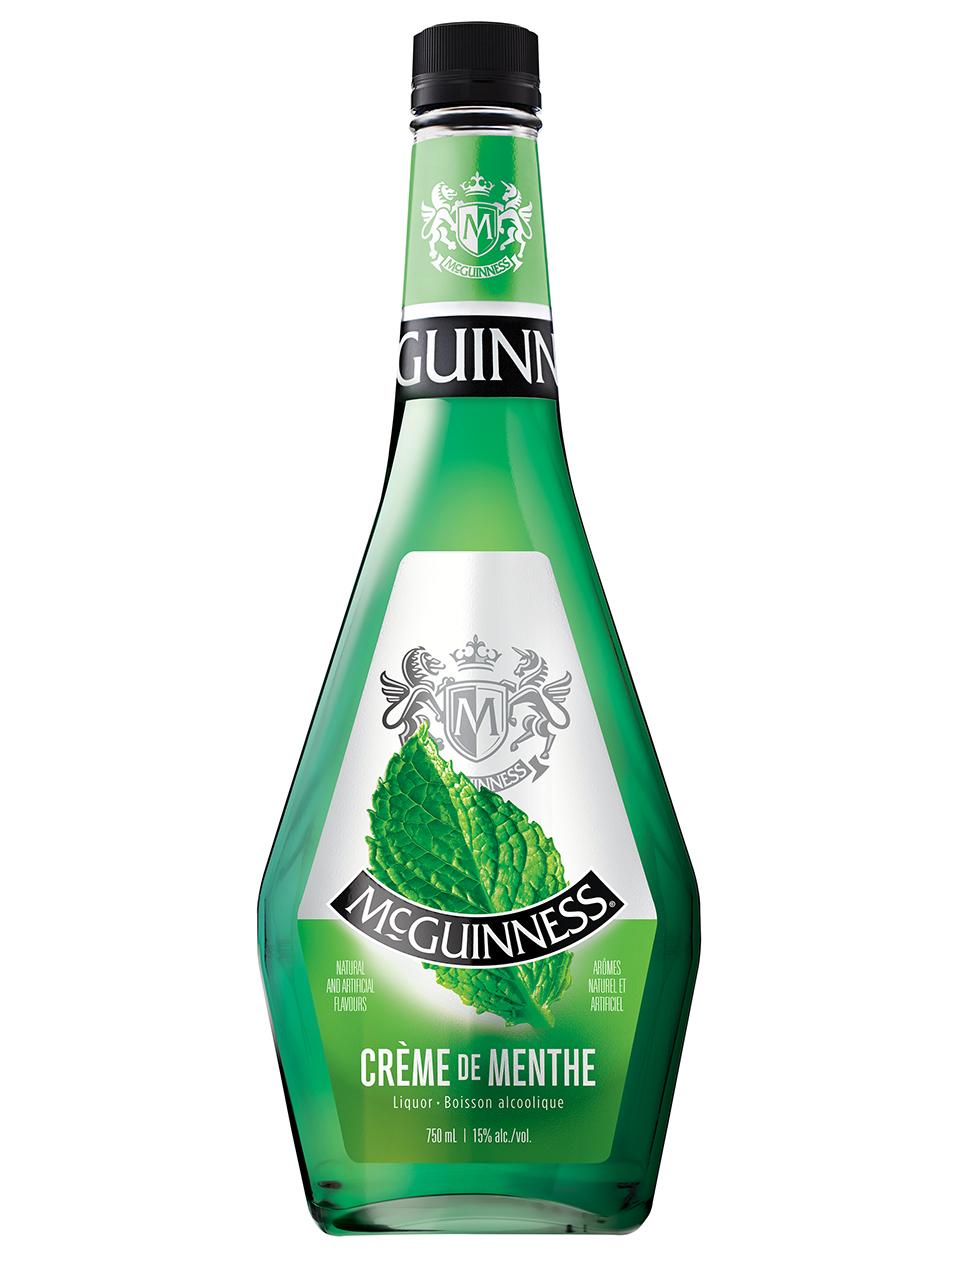 McGuinness Creme de Menthe Green